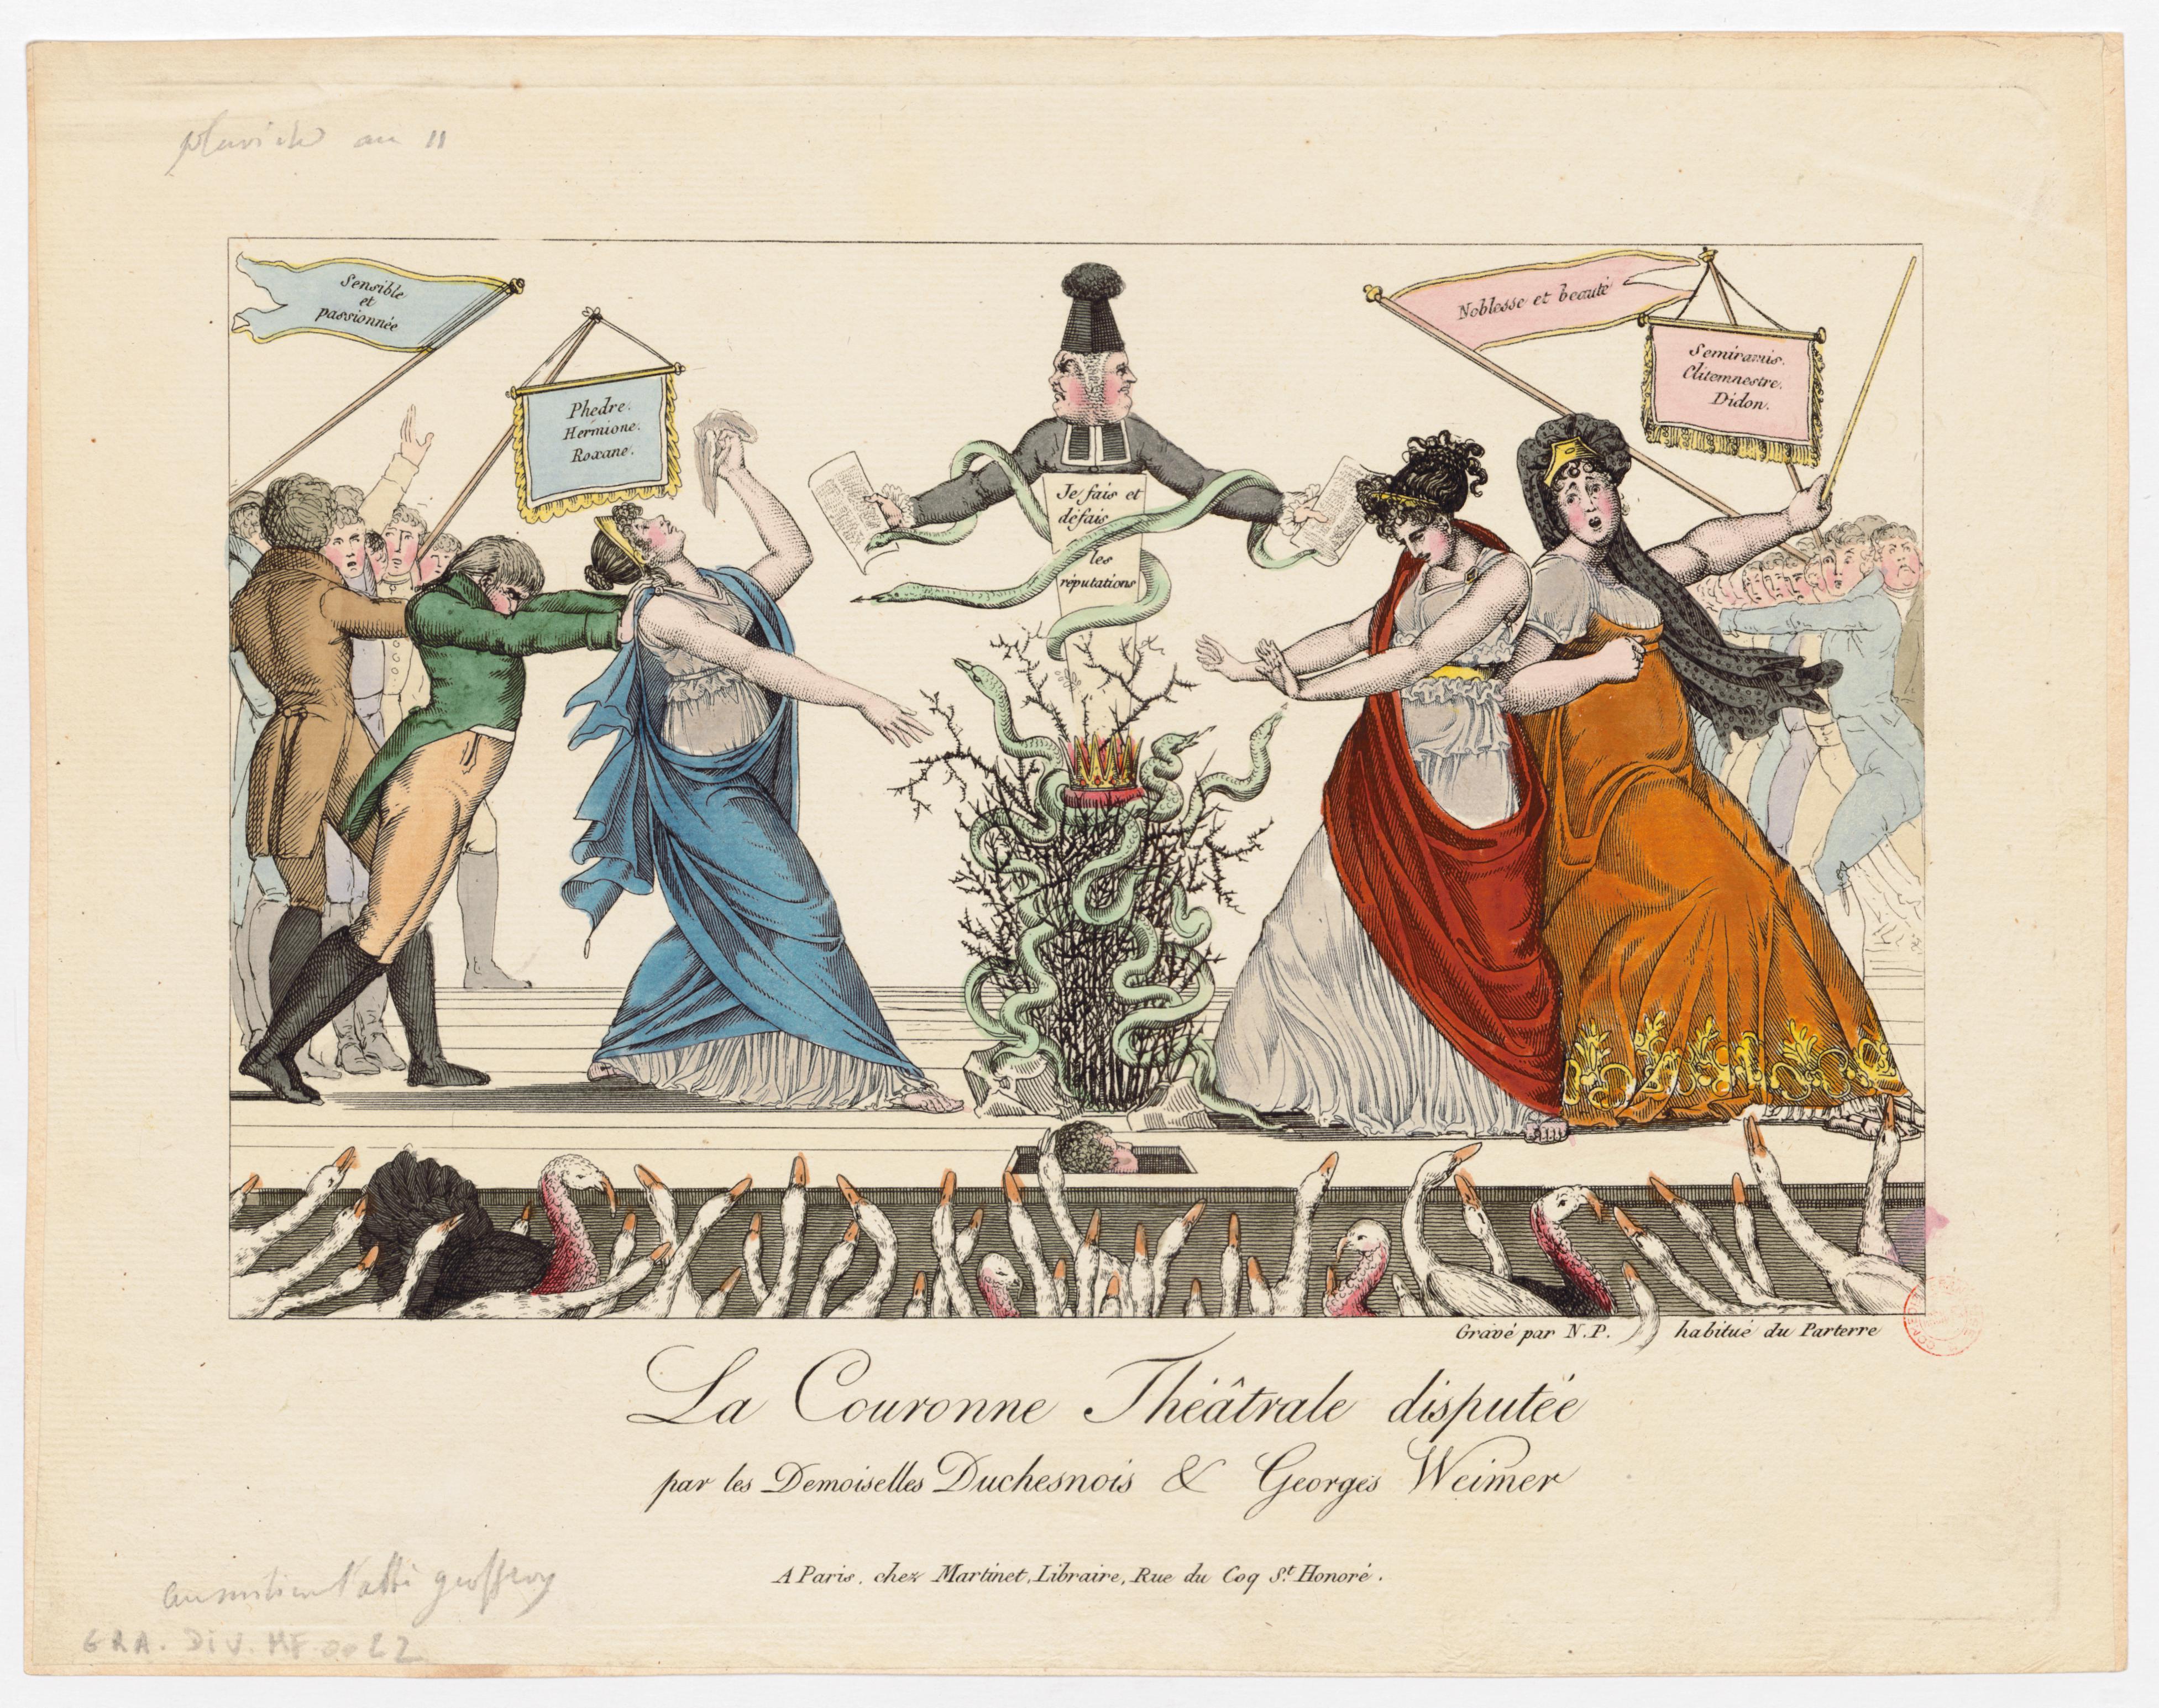 01-la-couronne-thc-e-trale-disputc-e-par-les-demoiselles-duchesnois-et-george-weimer-gravc-e-par-n.p.-1802-1804-